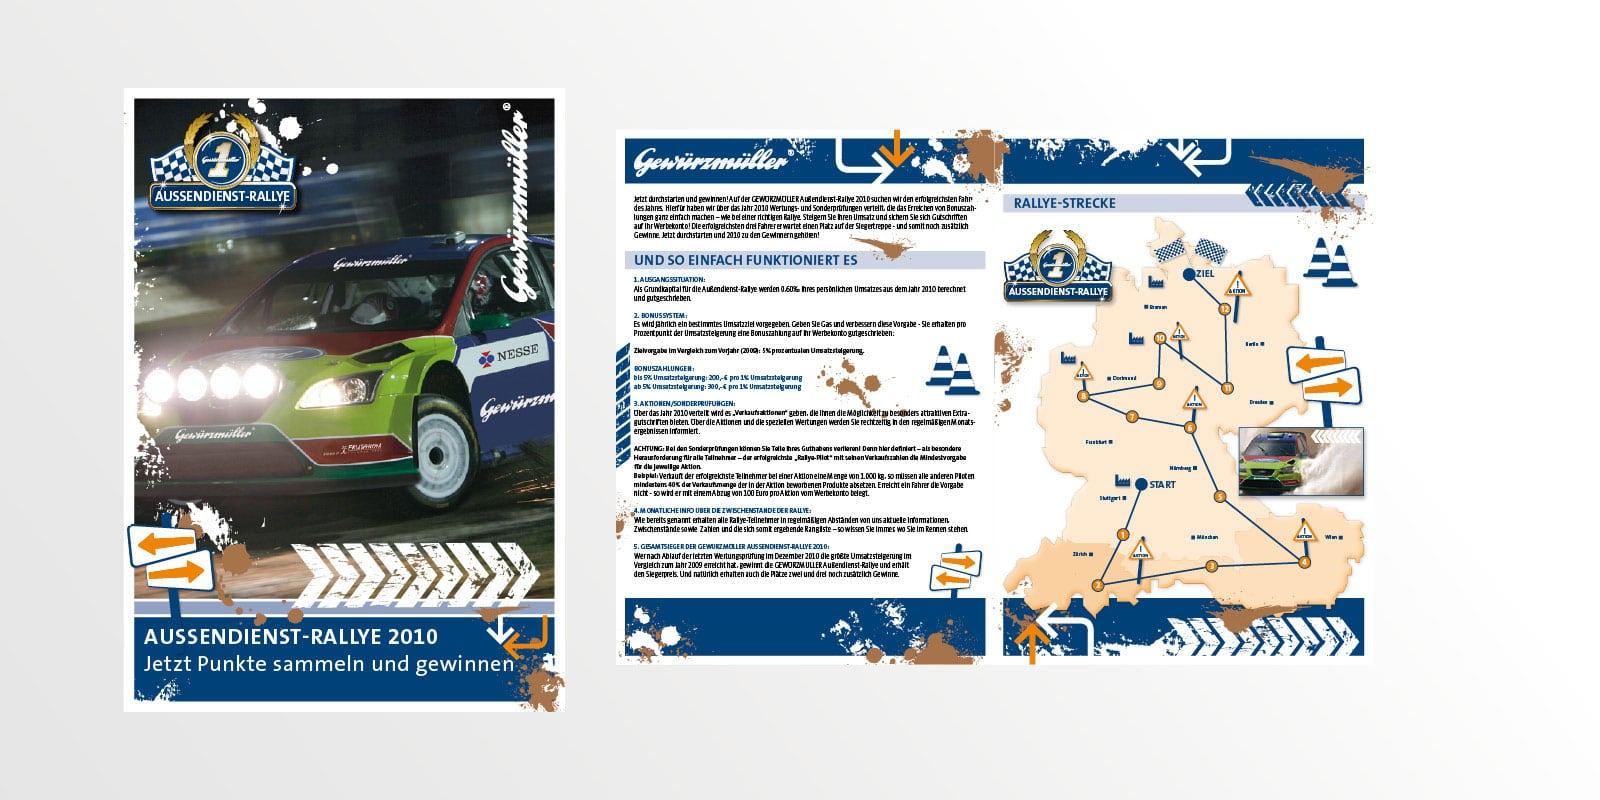 Gewürzmüller – VKF-Aktion Aussendienst Rallye 2010